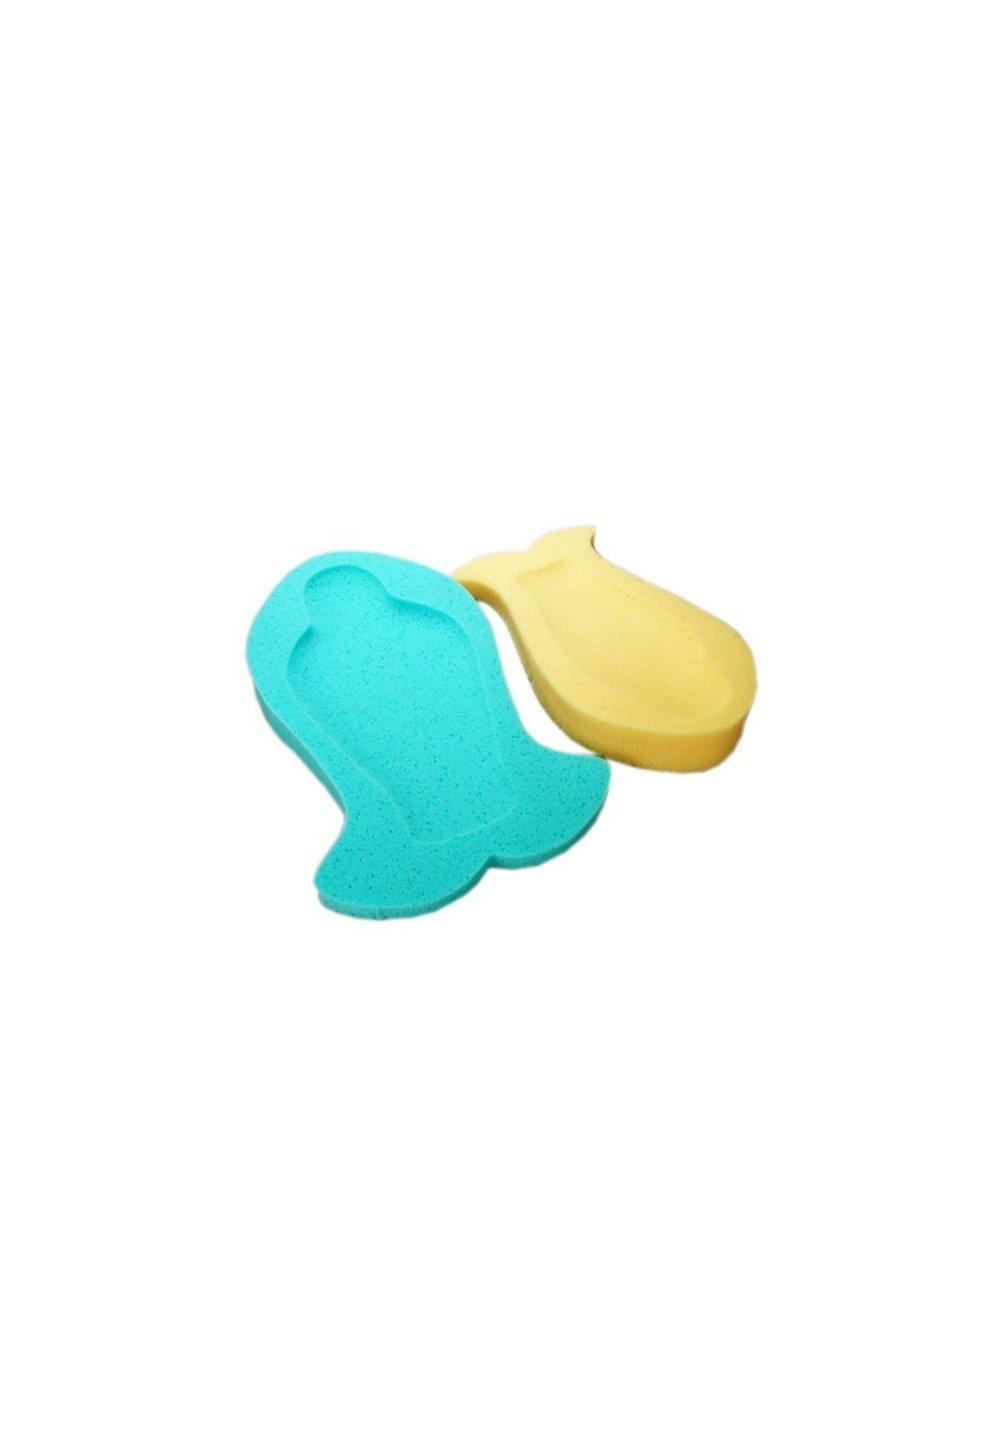 Burete de baie, in forma de peste imagine